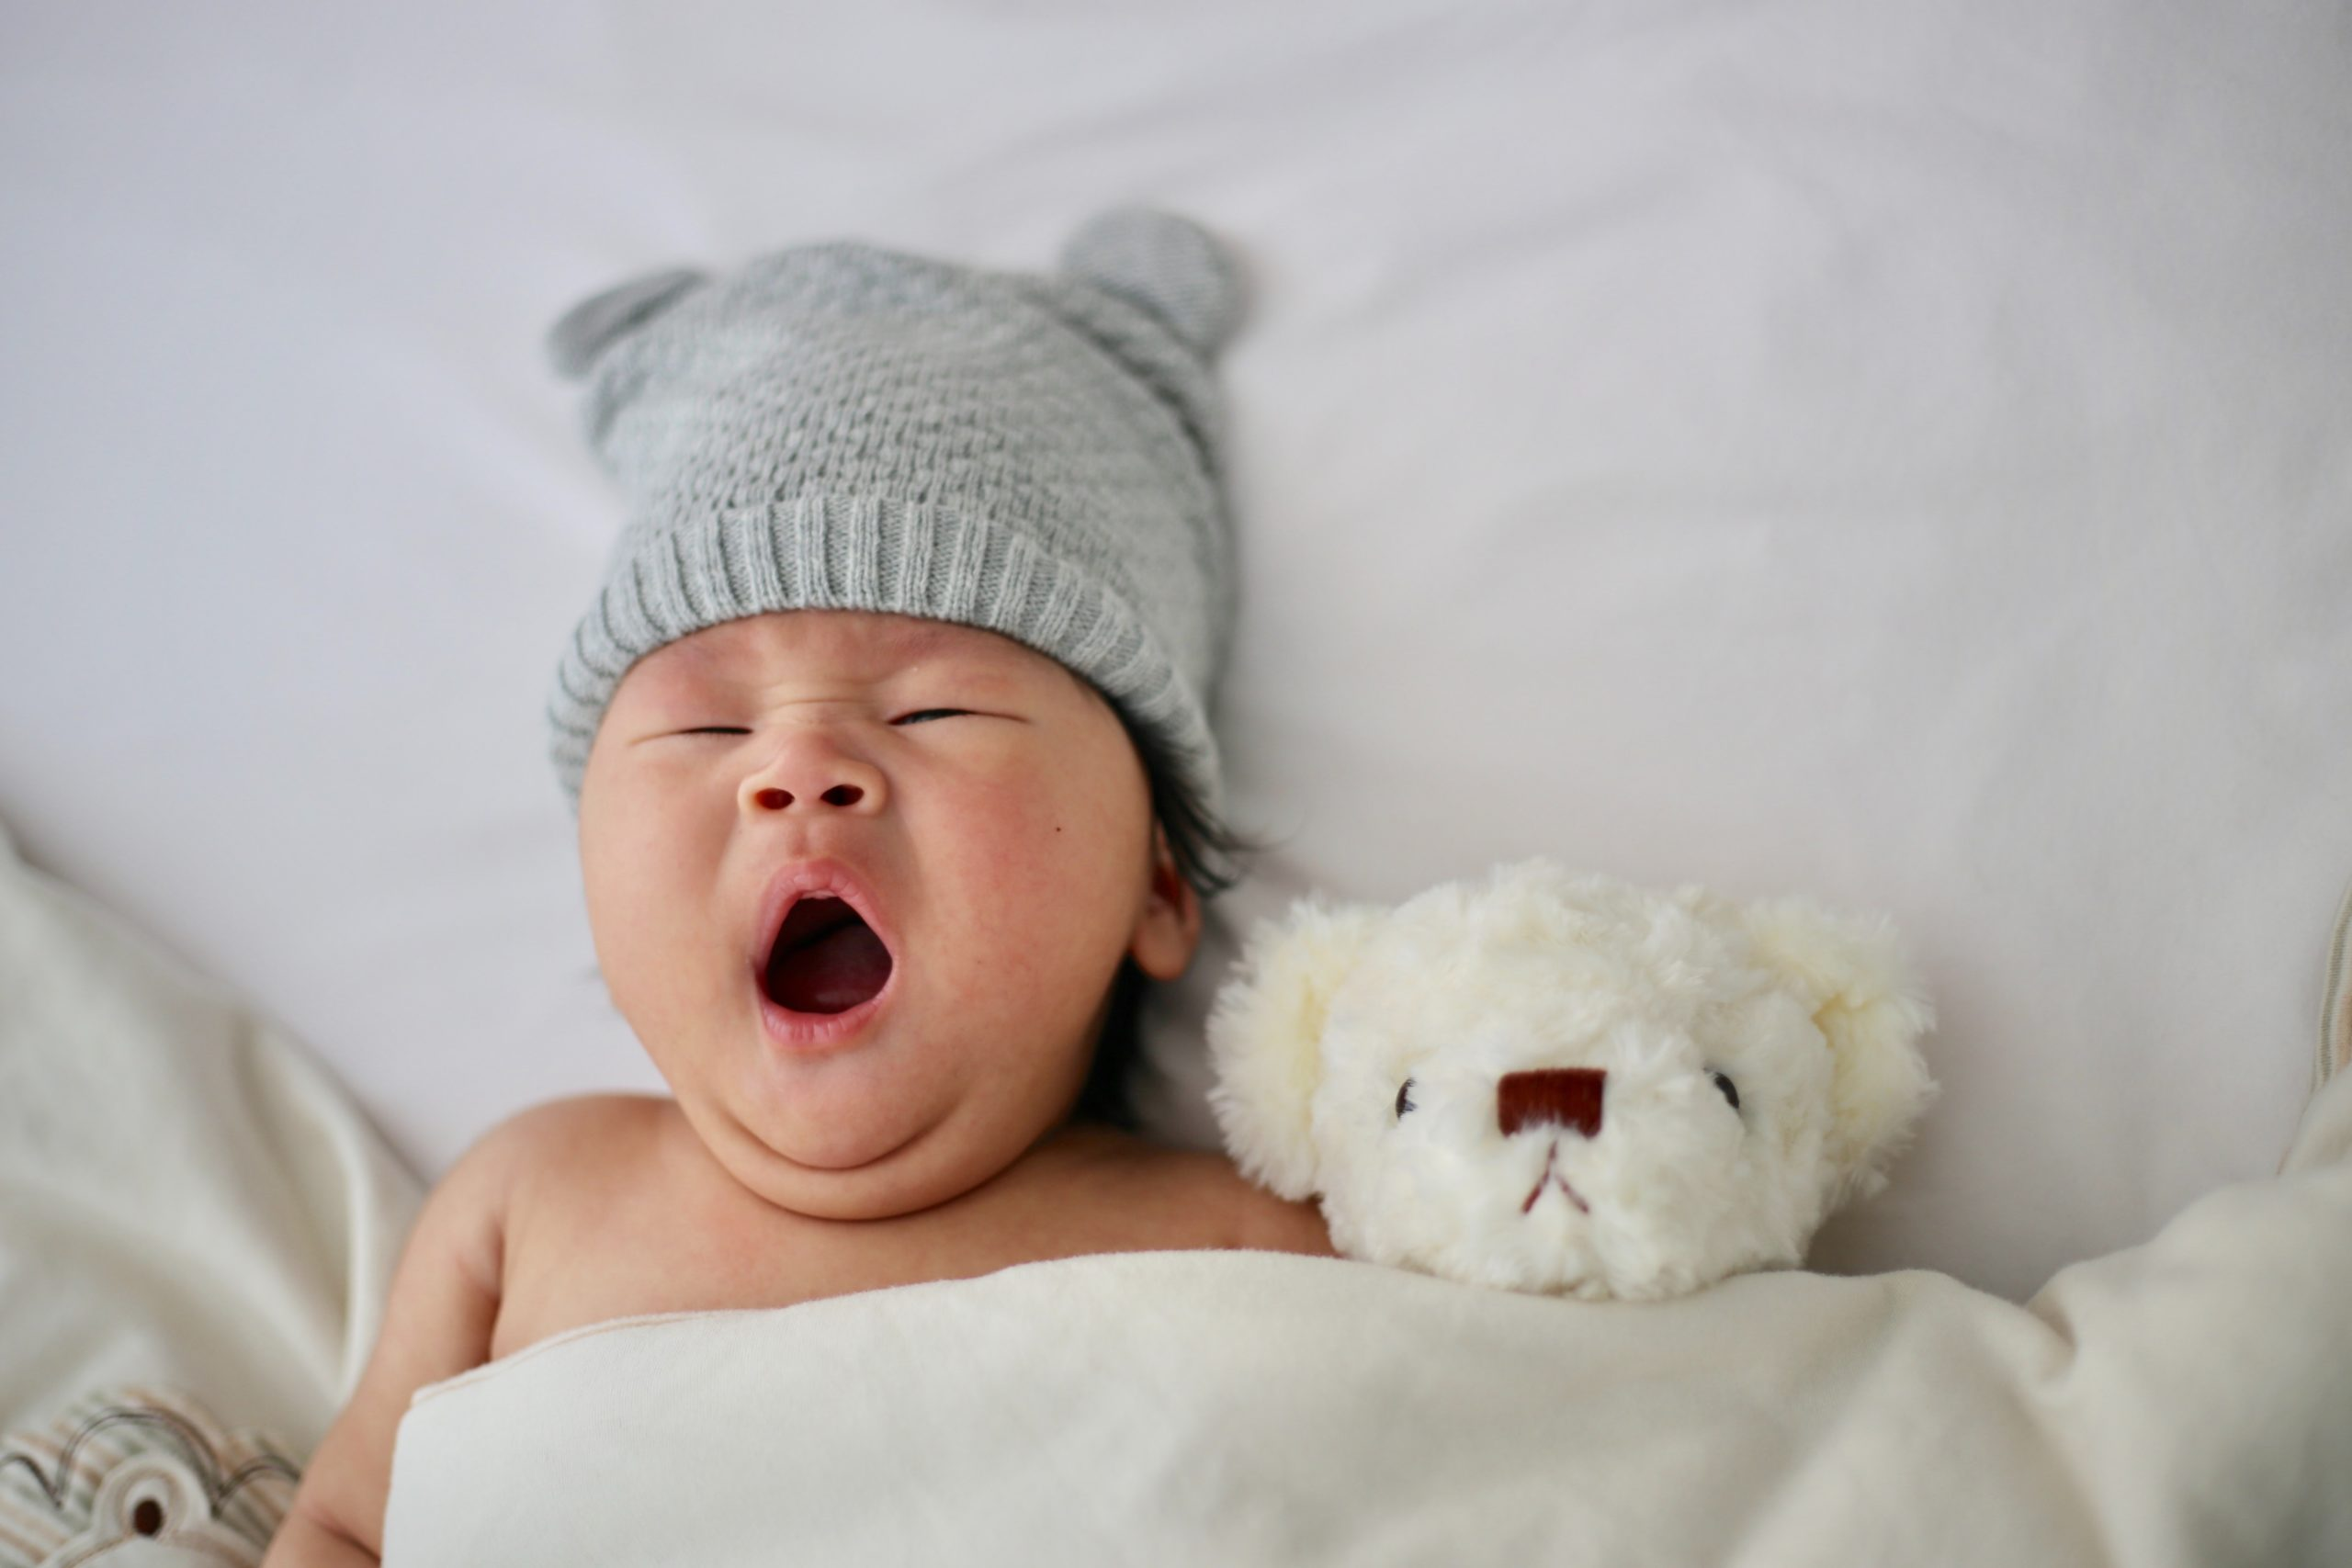 乳児家庭全戸訪問事業(こんにちは赤ちゃん事業)とは